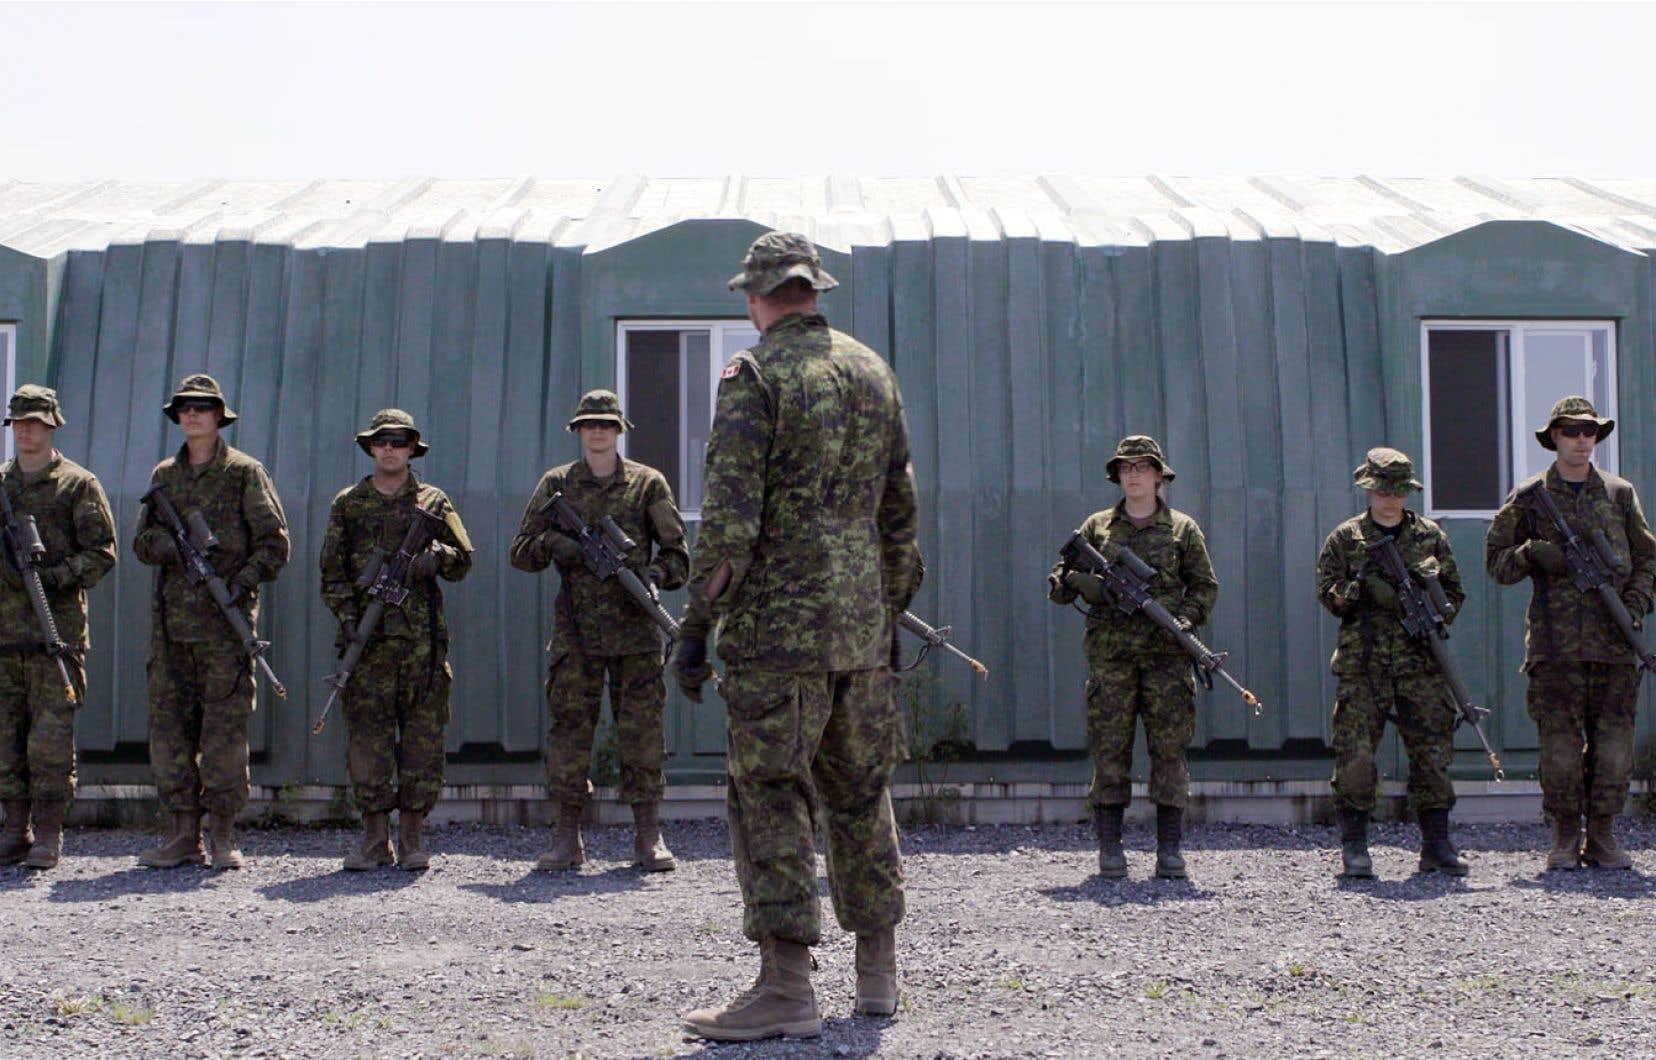 «Premières armes» demeure un film qui plonge dans l'humanité de chacun de ses personnages, même si cette humanité n'a pas vraiment droit de cité dans l'armée.